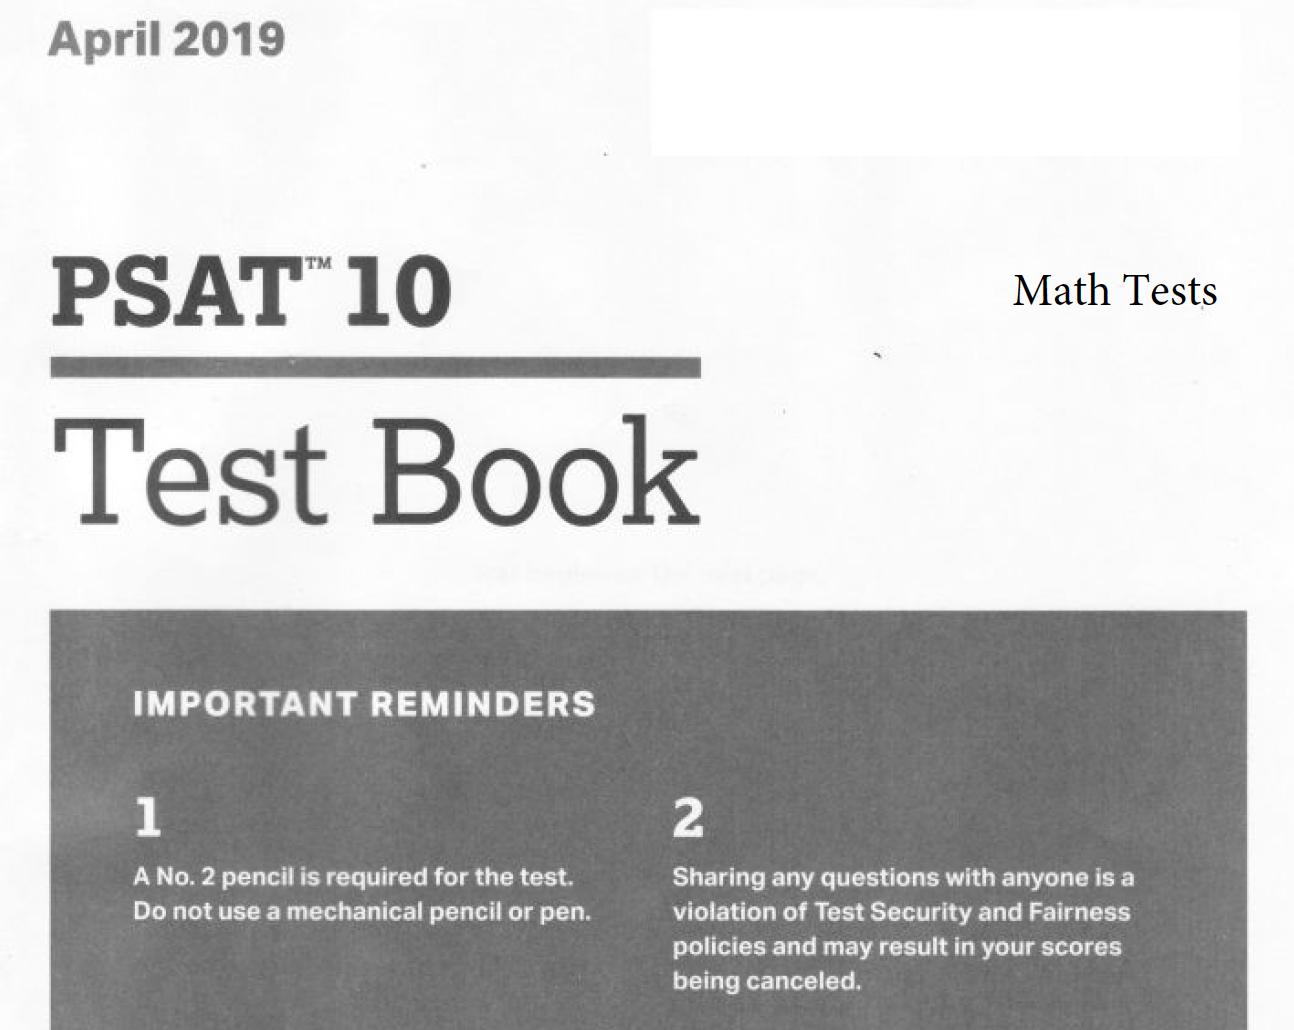 April 2019 PSAT 10 Test - Math tests